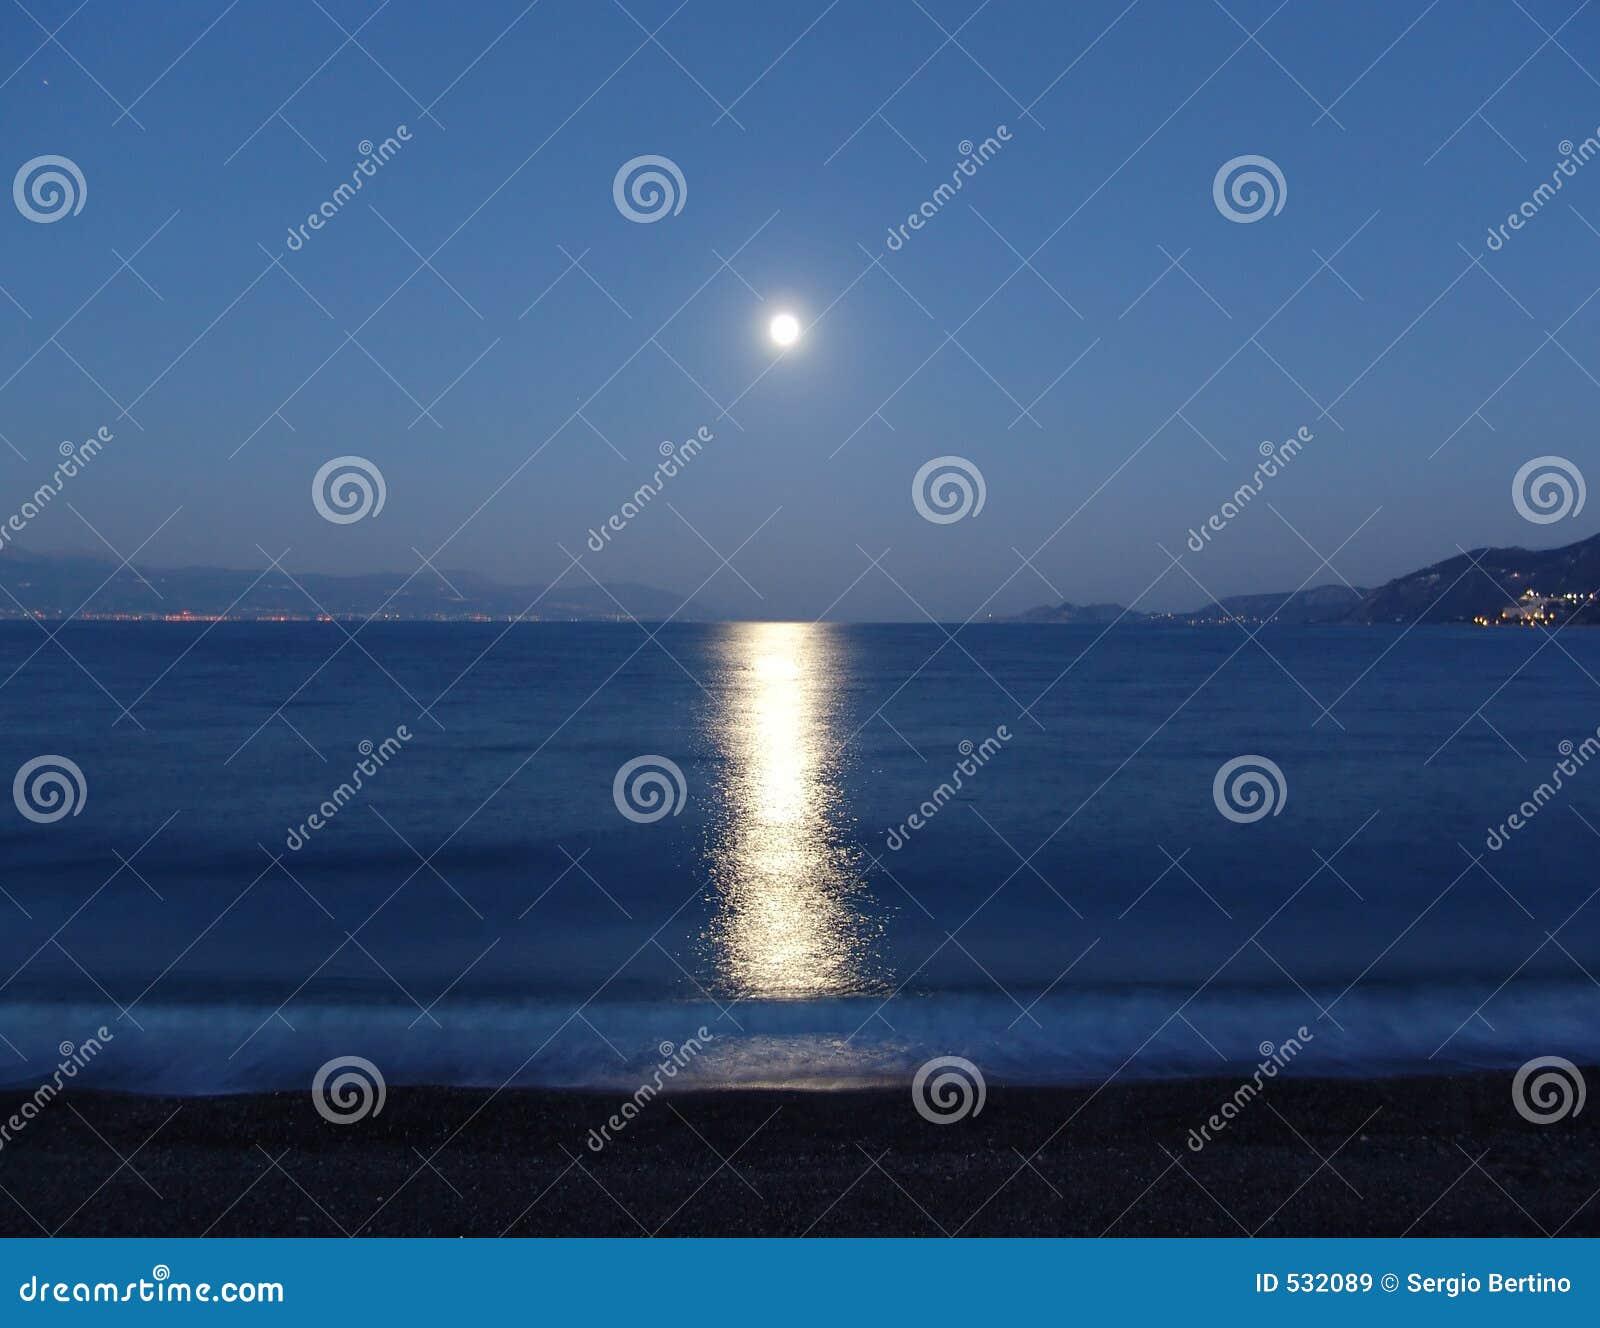 Clair de lune romantique